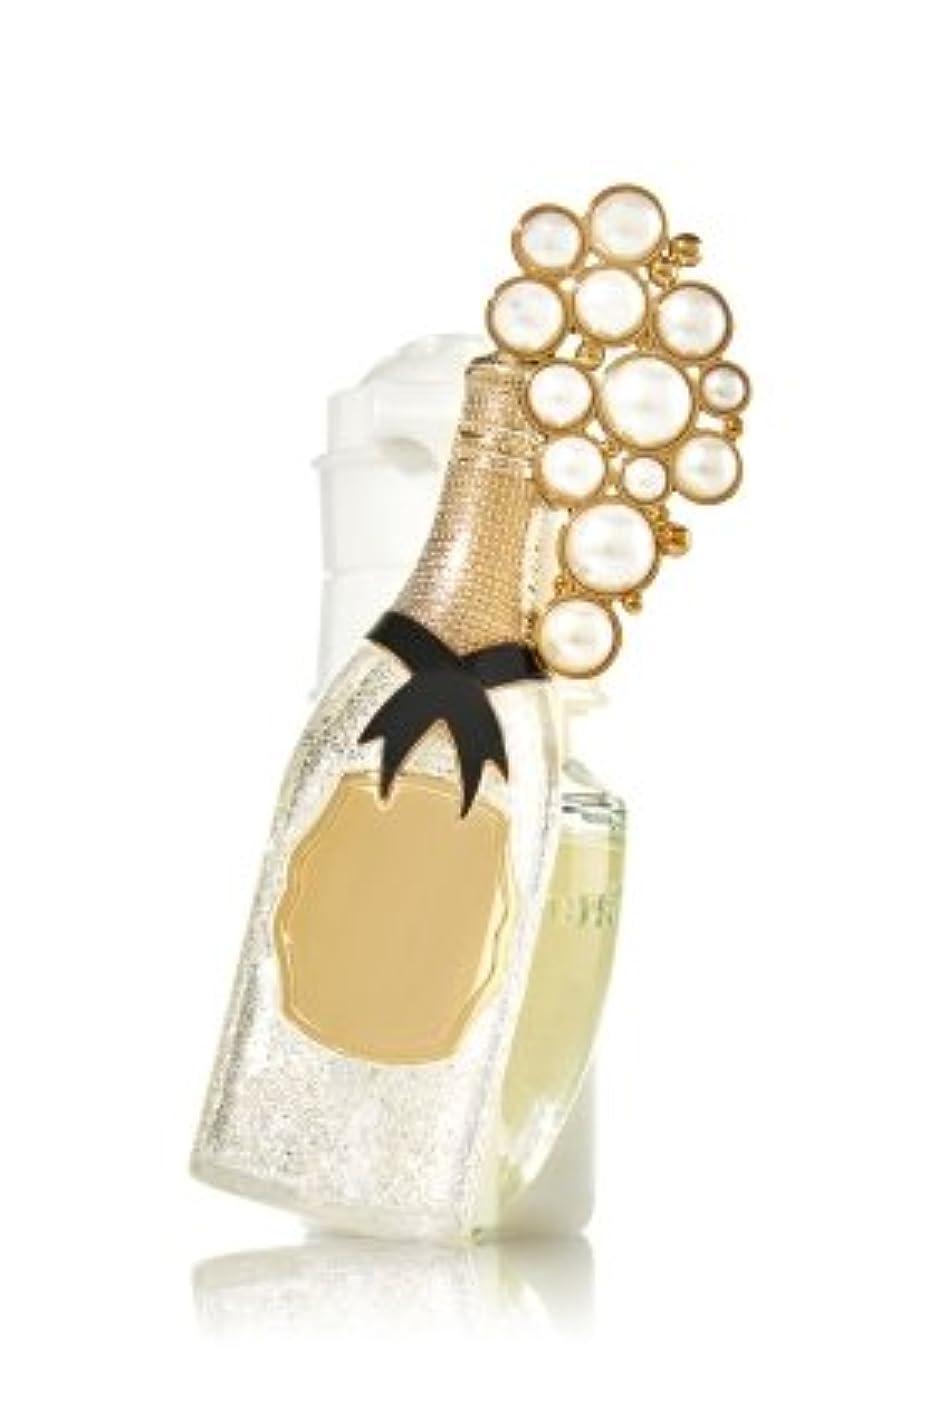 行商人思いつくモードBath & Body Works Wallflower Fragrance Plugシャンパントースト